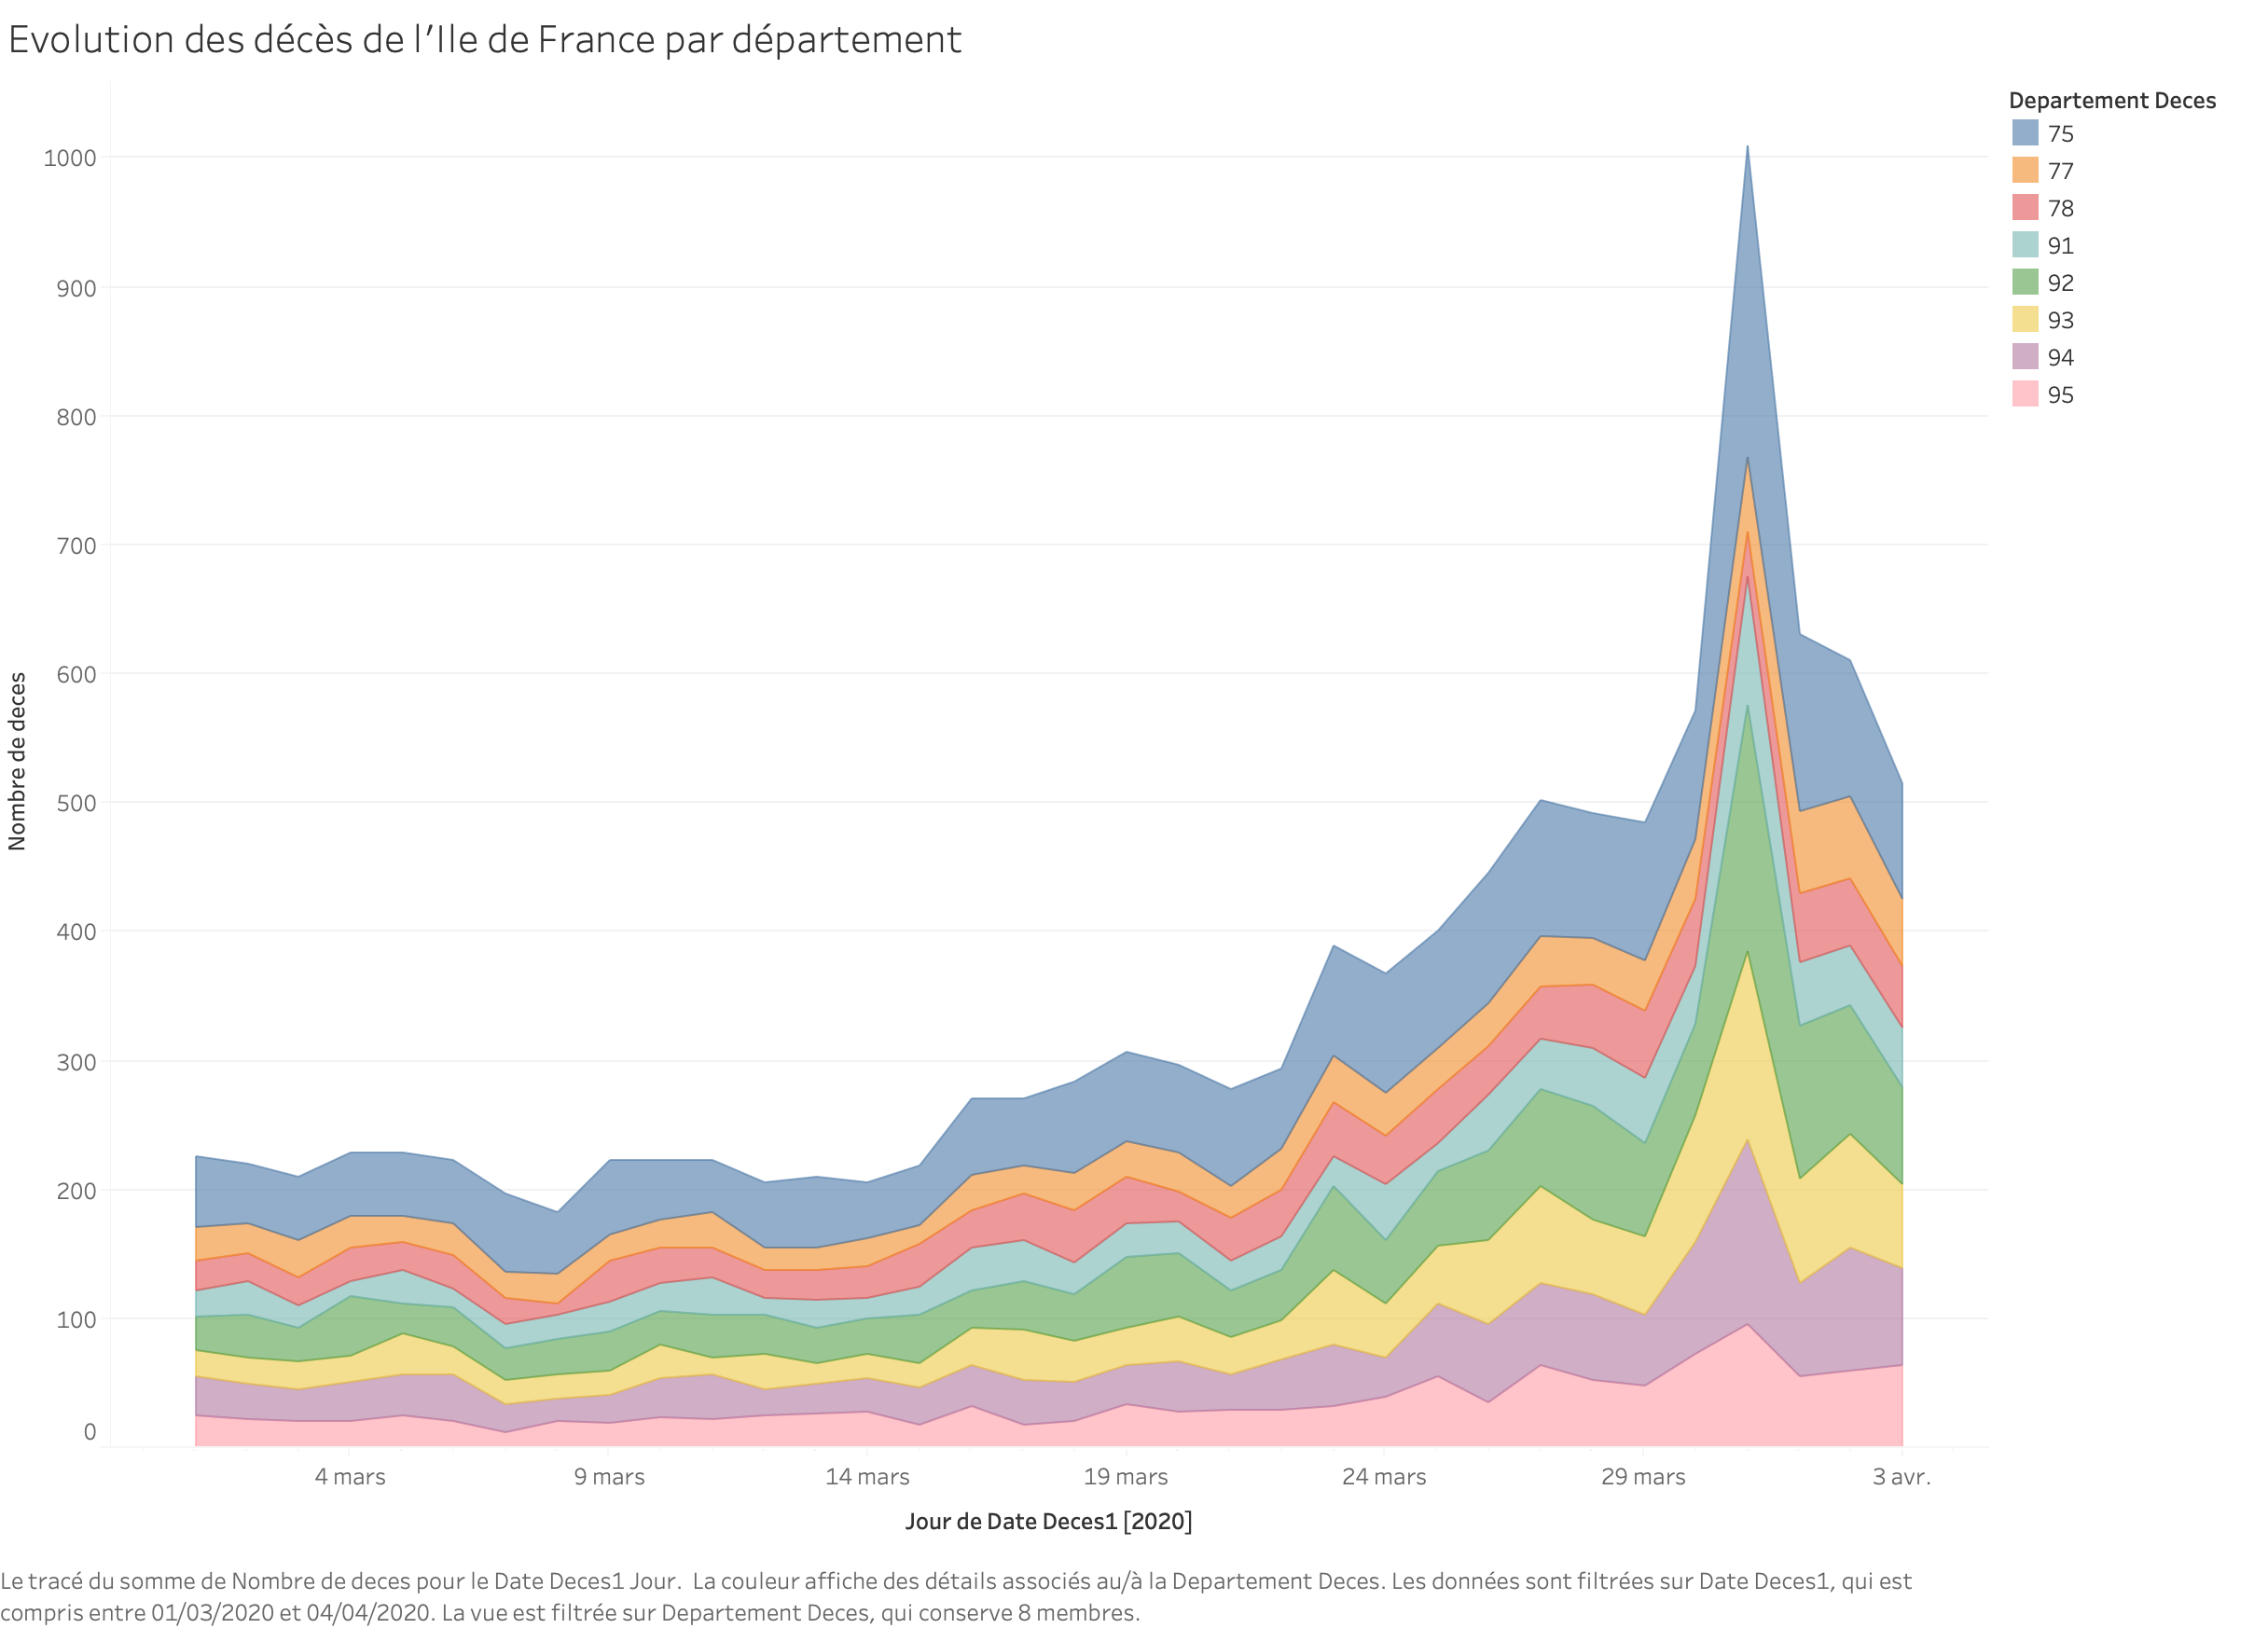 Evolution des décès par jour dans les départements d'Ile de France